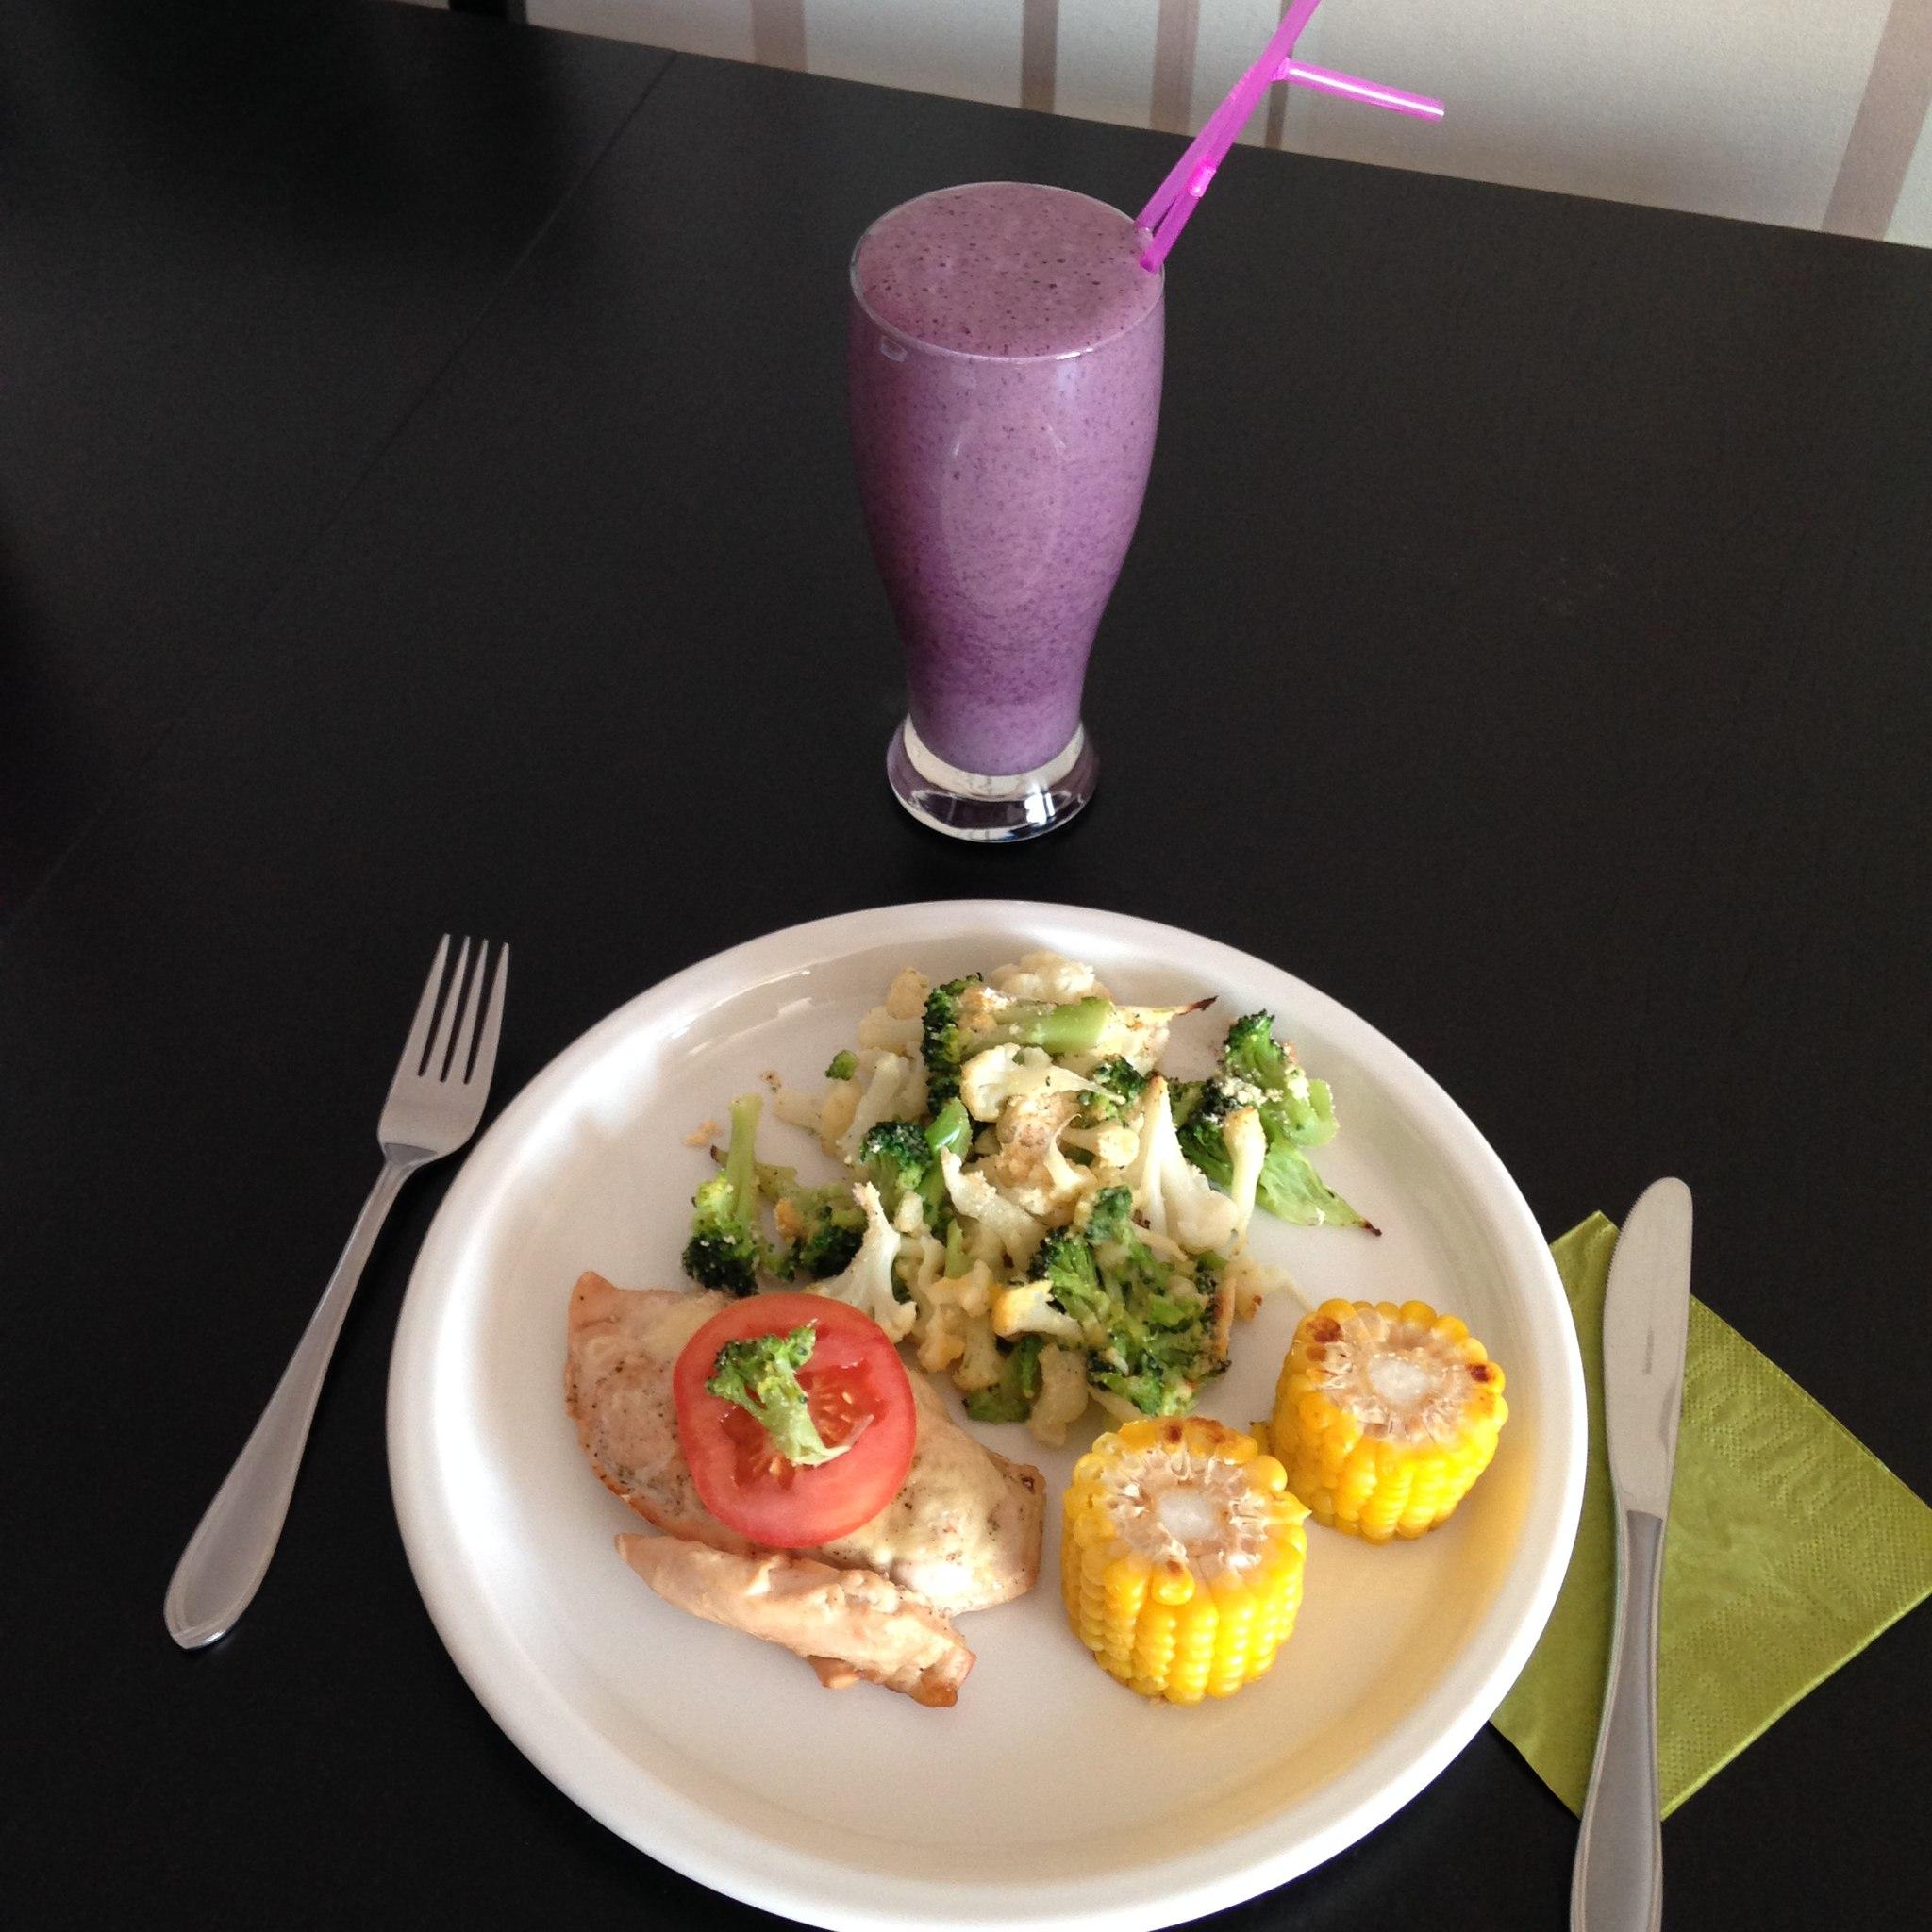 как снизить или отбить аппетит чтобы похудеть